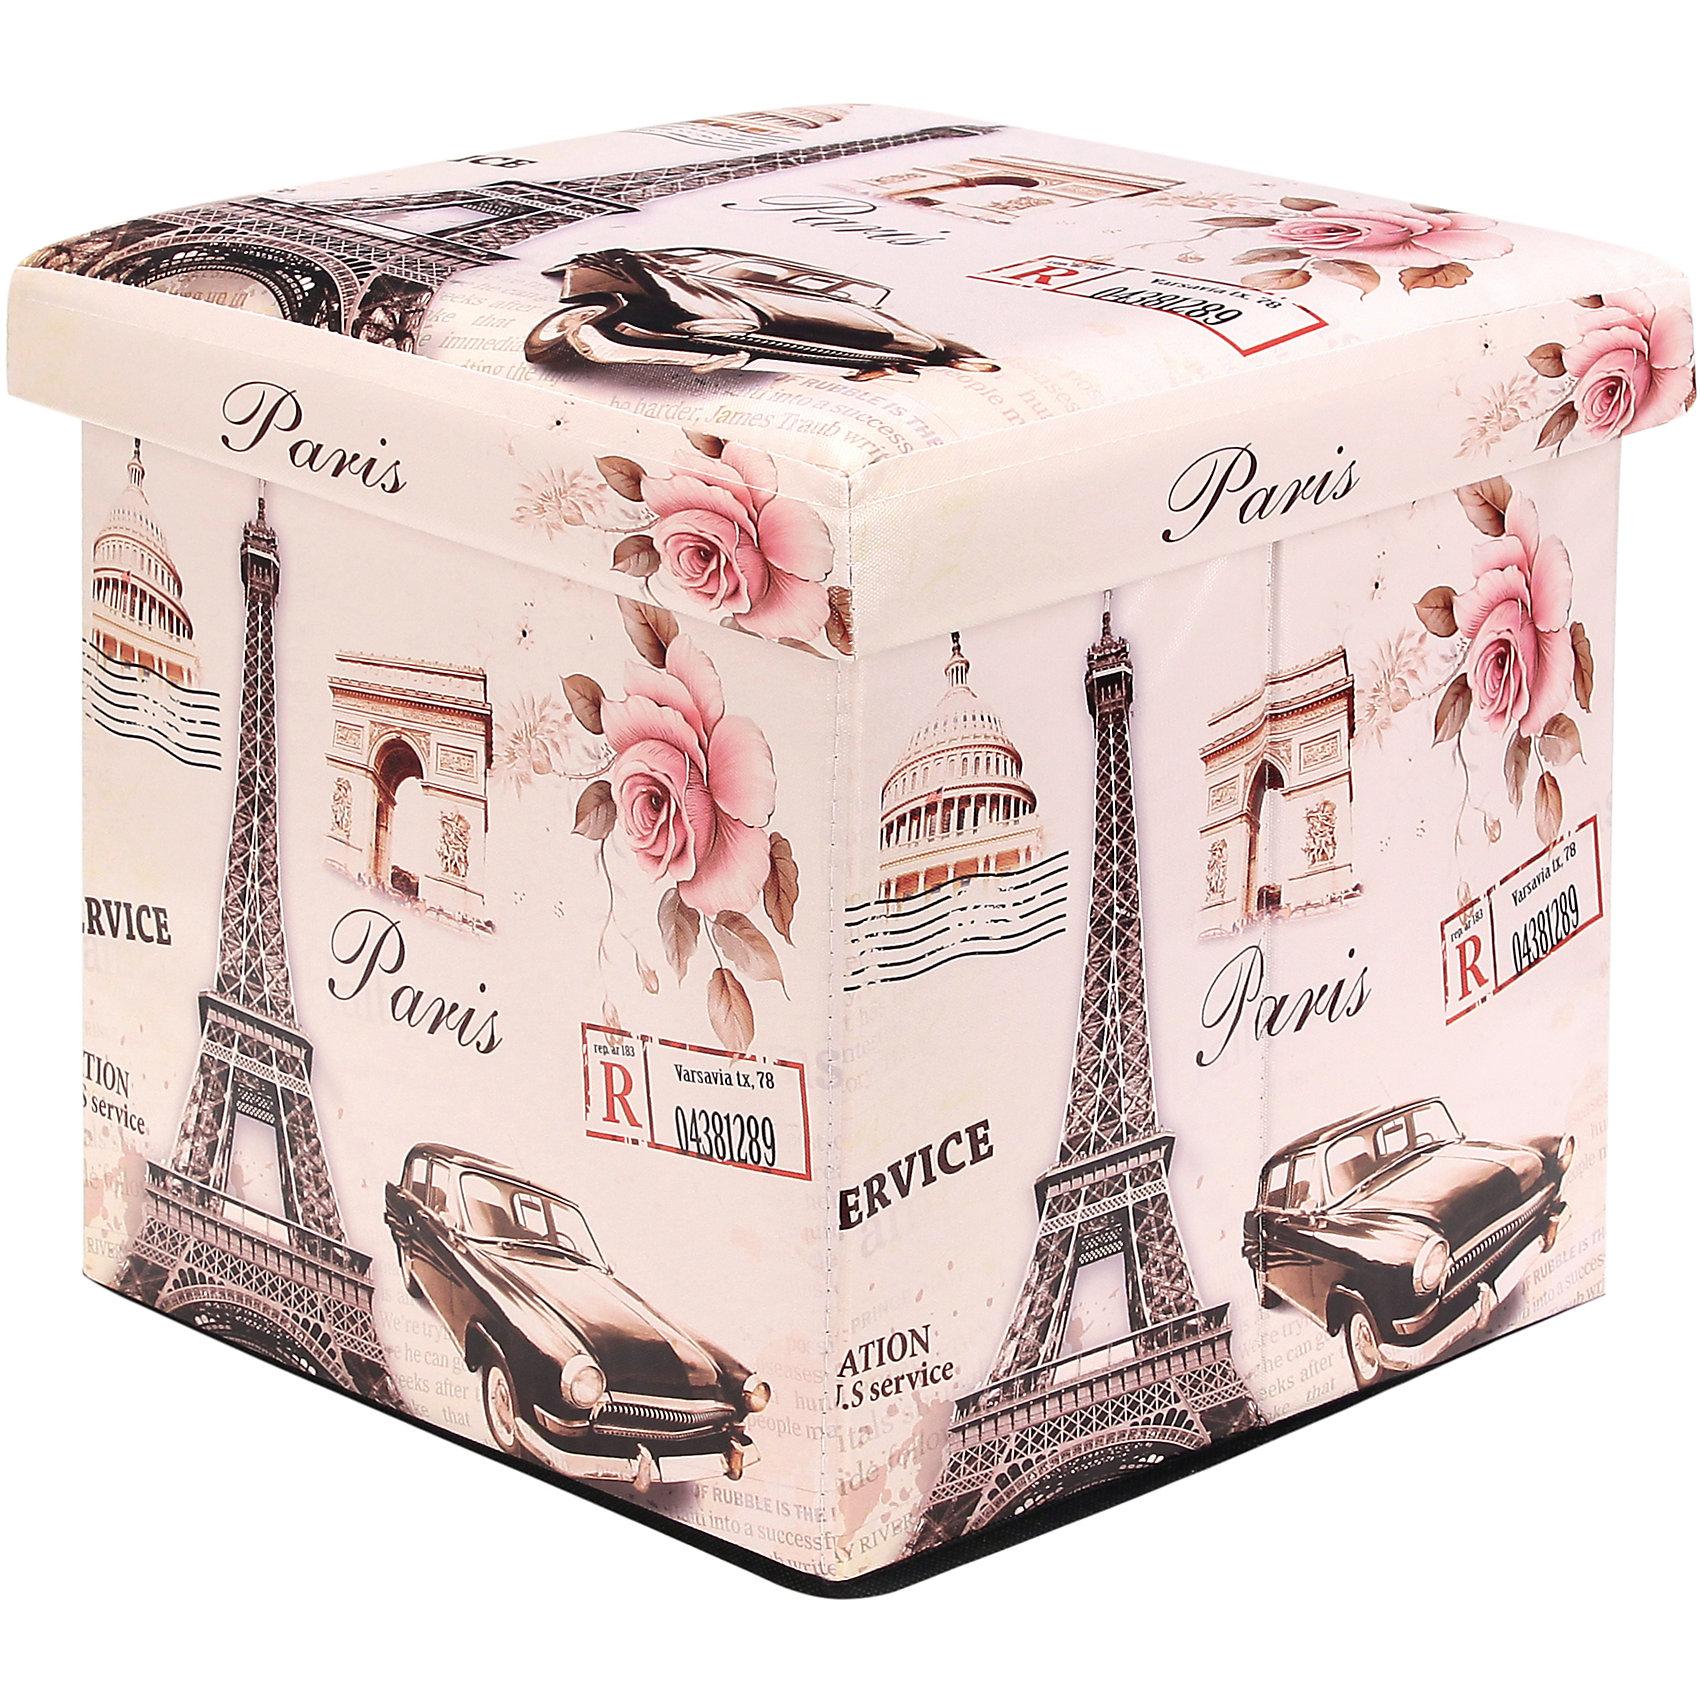 Пуф складной с ящиком для хранения 35*35*35 см. Эйфелева башня, EL CasaПорядок в детской<br>Характеристики товара:<br><br>• цвет: мульти<br>• материал: МДФ, экокожа<br>• размер: 35 х 35 х 35 см<br>• вес: 1000 г<br>• легко складывается<br>• декорирован принтом<br>• с ящиком для хранения<br>• удобный<br>• вместительный<br>• универсальный размер<br>• страна бренда: Российская Федерация<br>• страна производства: Китай<br><br>Такой пуф - отличный пример красивой и функциональной вещи для любого интерьера. В нем удобной хранить различные мелочи, благодаря универсальному дизайну и расцветке он хорошо будет смотреться в помещении.<br><br>Пуф для хранения может стать отличным приобретением для дома или подарком для любителей красивых оригинальных вещей.<br><br>Бренд EL Casa - это красивые и практичные товары для дома с современным дизайном. Они добавляют в жильё уюта и комфорта! <br><br>Пуф складной с ящиком для хранения 35*35*35 см. Эйфелева башня, EL Casa можно купить в нашем интернет-магазине.<br><br>Ширина мм: 350<br>Глубина мм: 350<br>Высота мм: 50<br>Вес г: 2050<br>Возраст от месяцев: 0<br>Возраст до месяцев: 1188<br>Пол: Унисекс<br>Возраст: Детский<br>SKU: 6668673